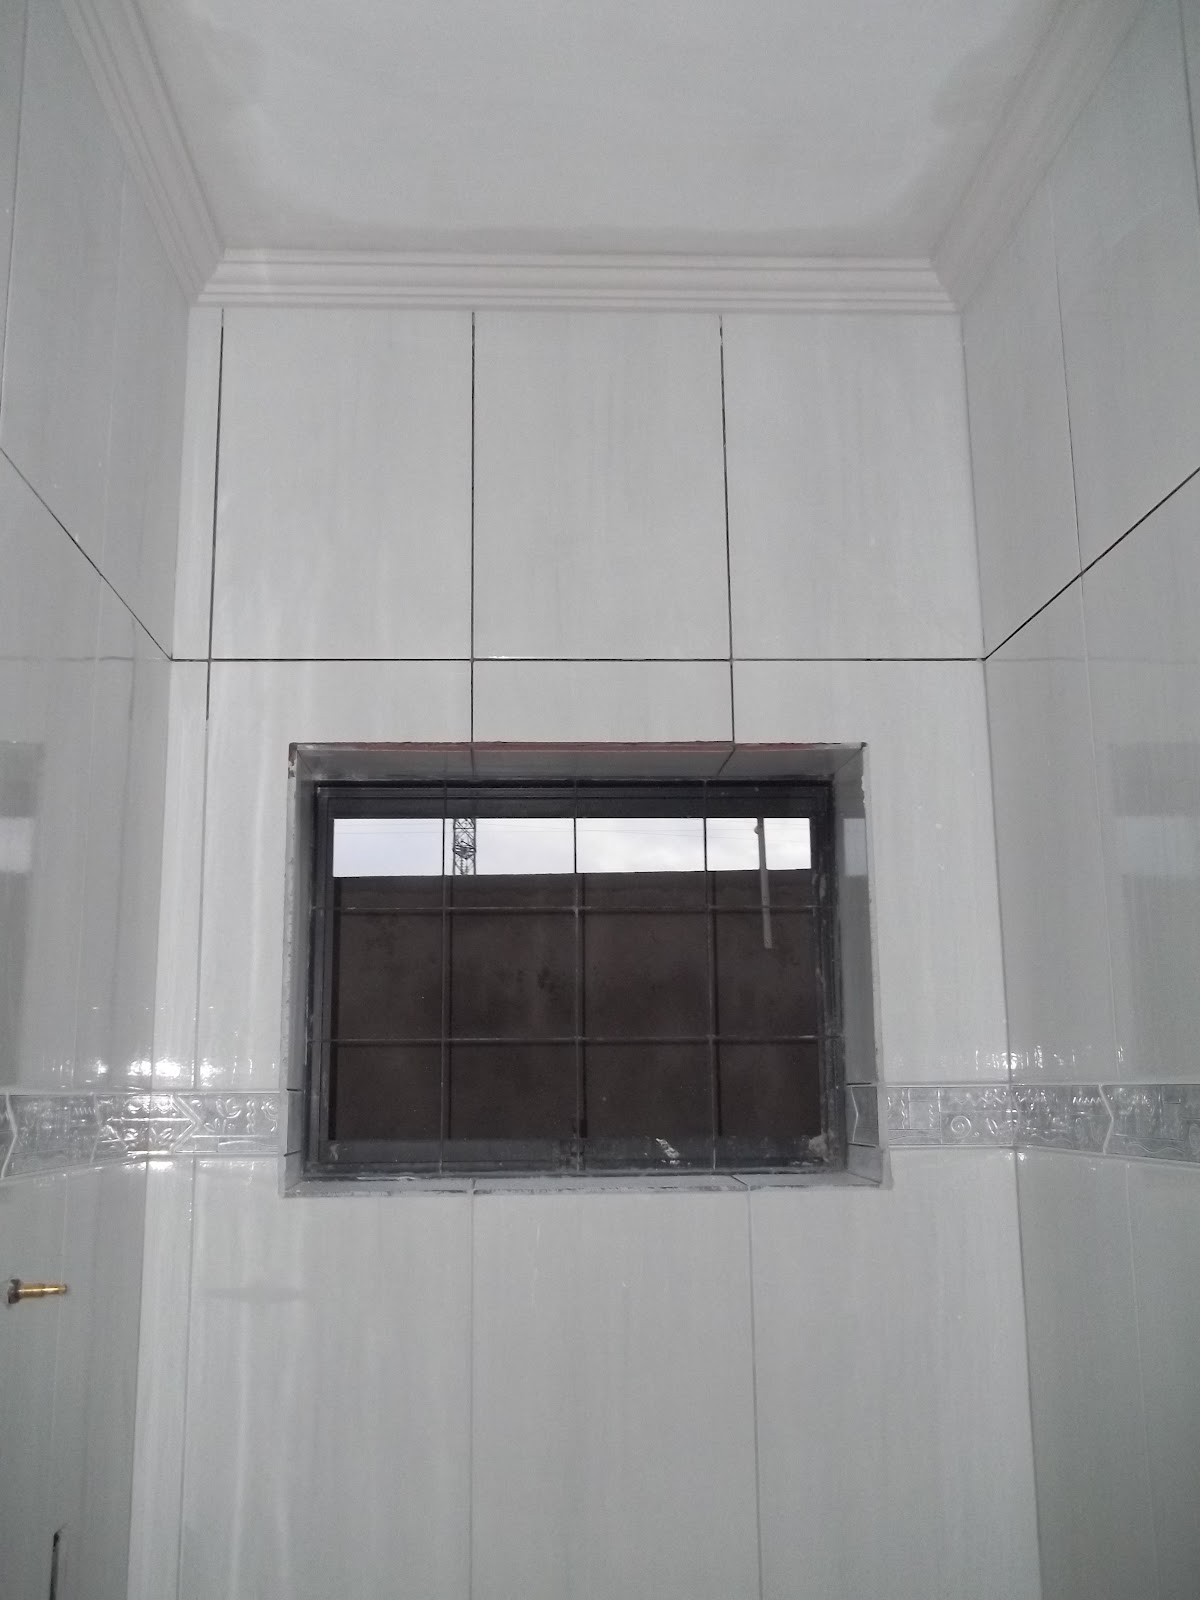 Lavabo com revestimento faixas e moldura de gesso no teto. #5D5153 1200x1600 Banheiro Com Moldura De Gesso